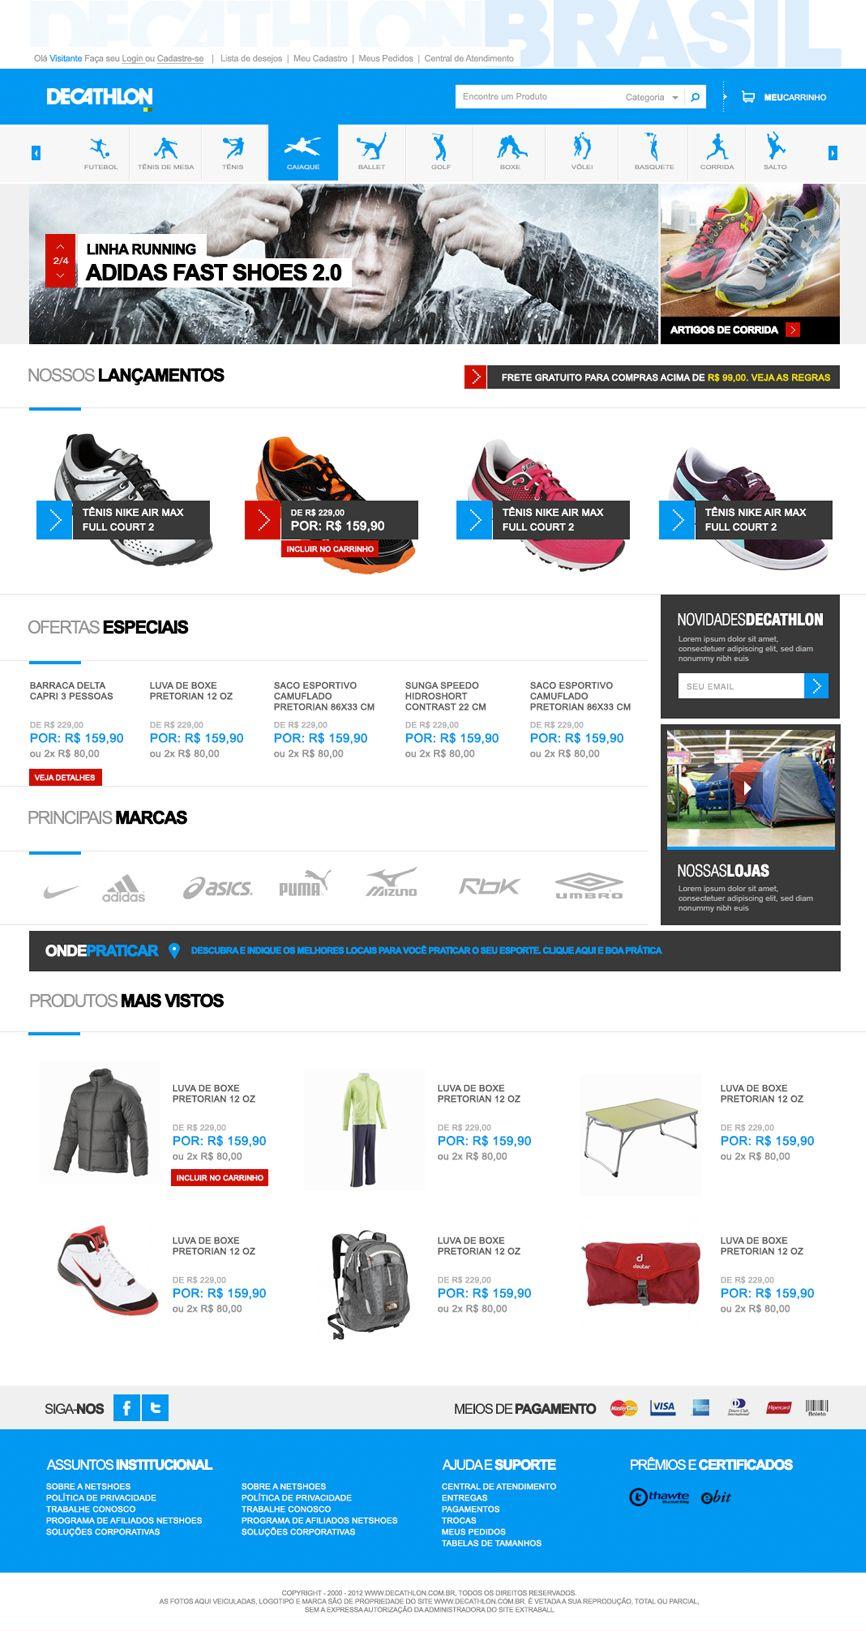 layout para a loja de artigos esportivos Decathlon - Plataforma VTEX ... 29e8ccd43edef